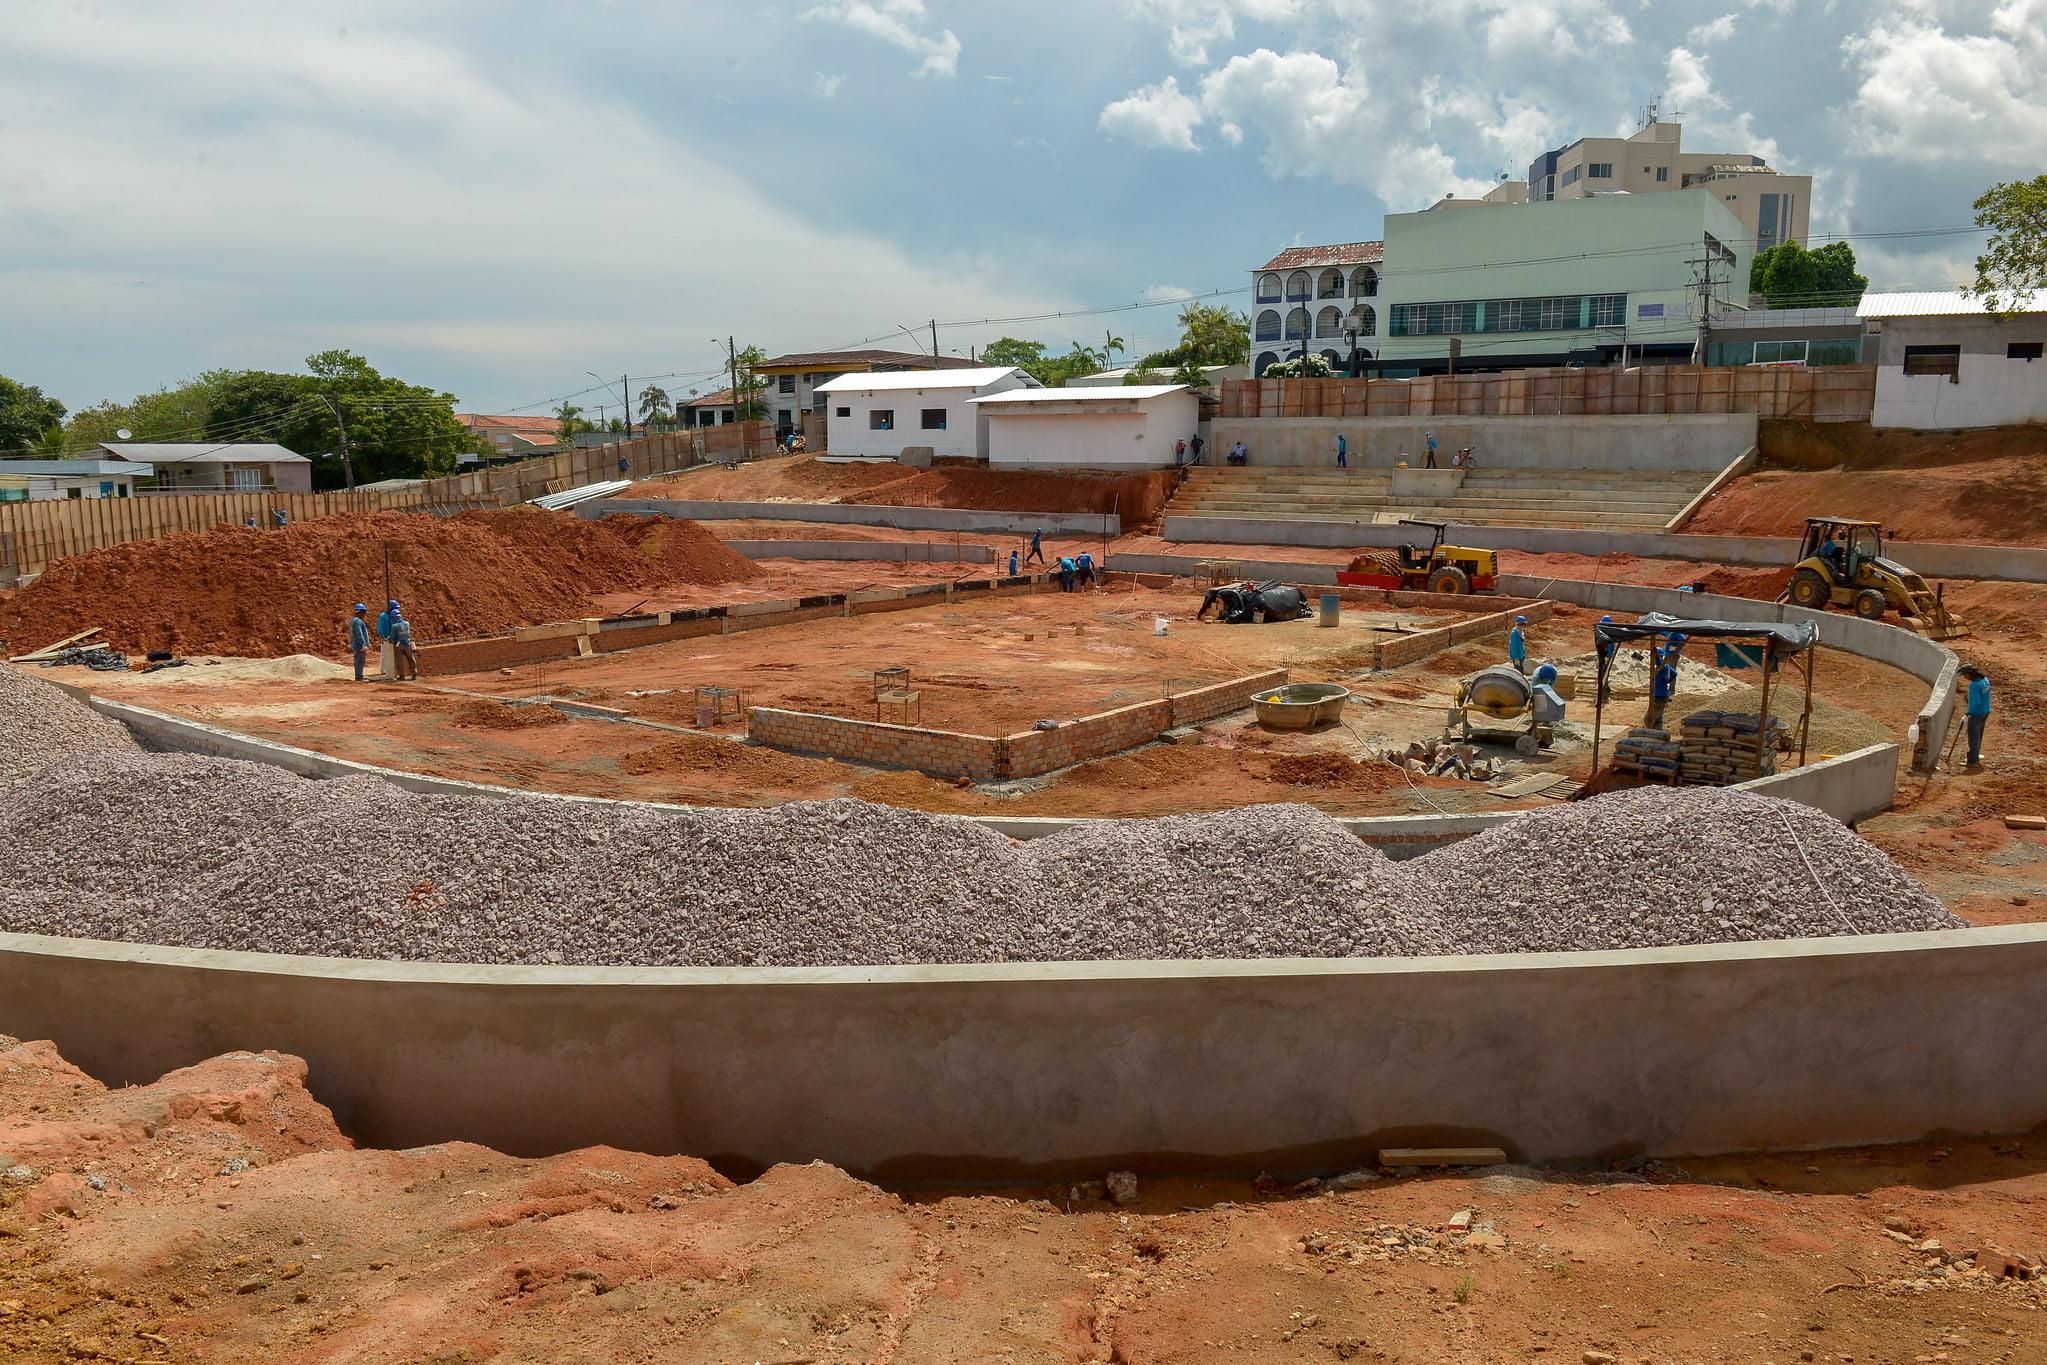 INCENTIVO AO ESPORTE – Novo velódromo resgata história do ciclismo em Manaus e poderá receber competições nacionais